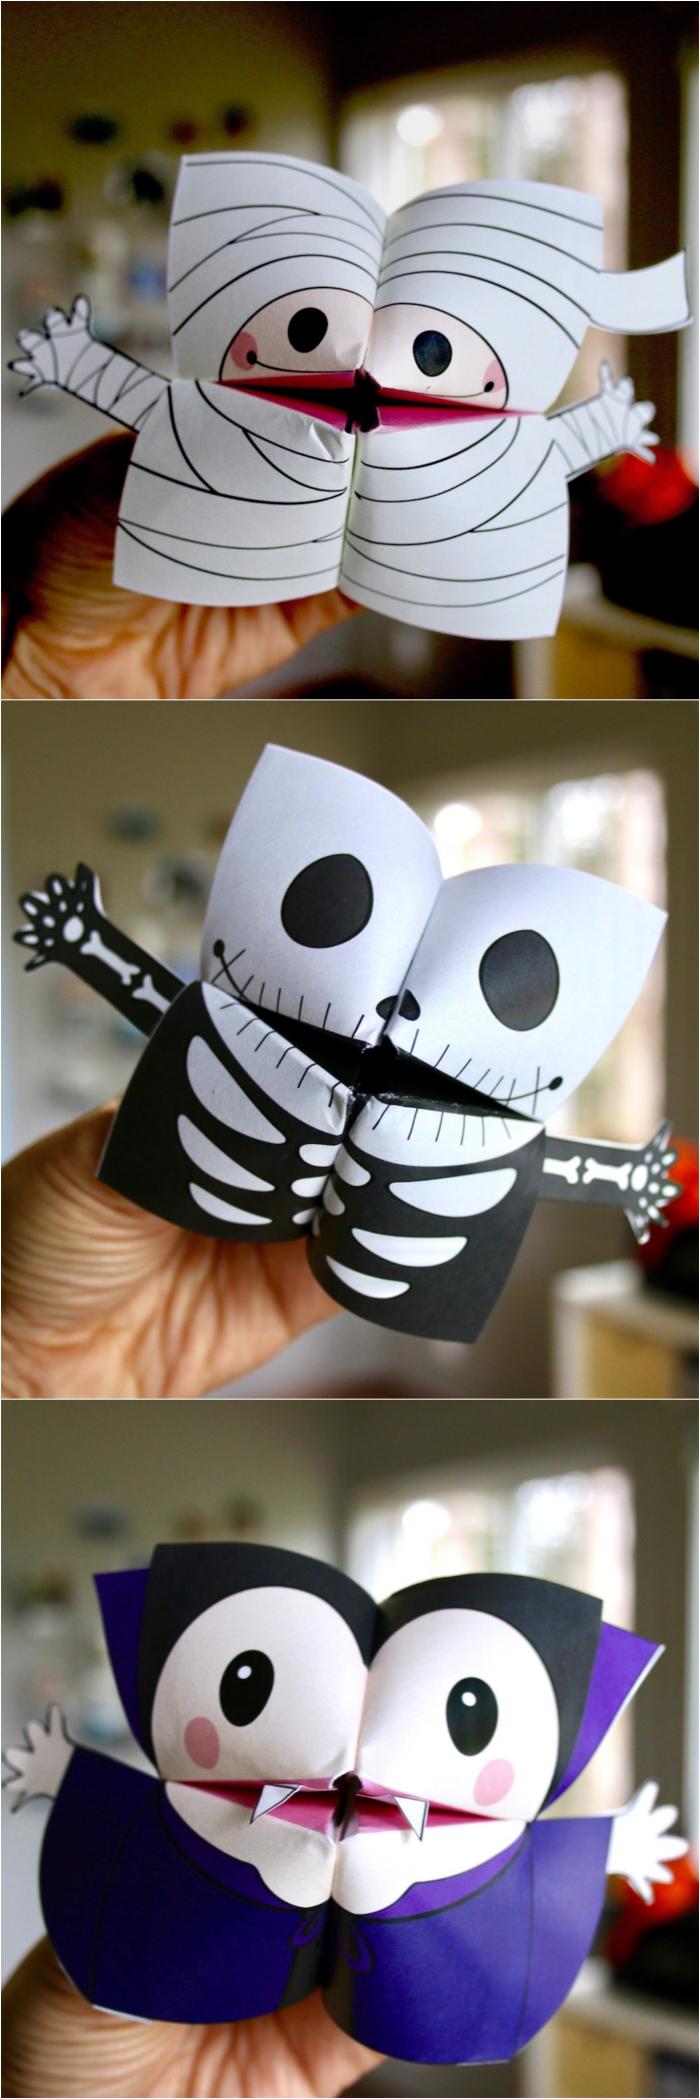 idée de bricolage spécial halloween pour réaliser des salières effrayants, comment faire une cocotte vampire, momie ou squelette